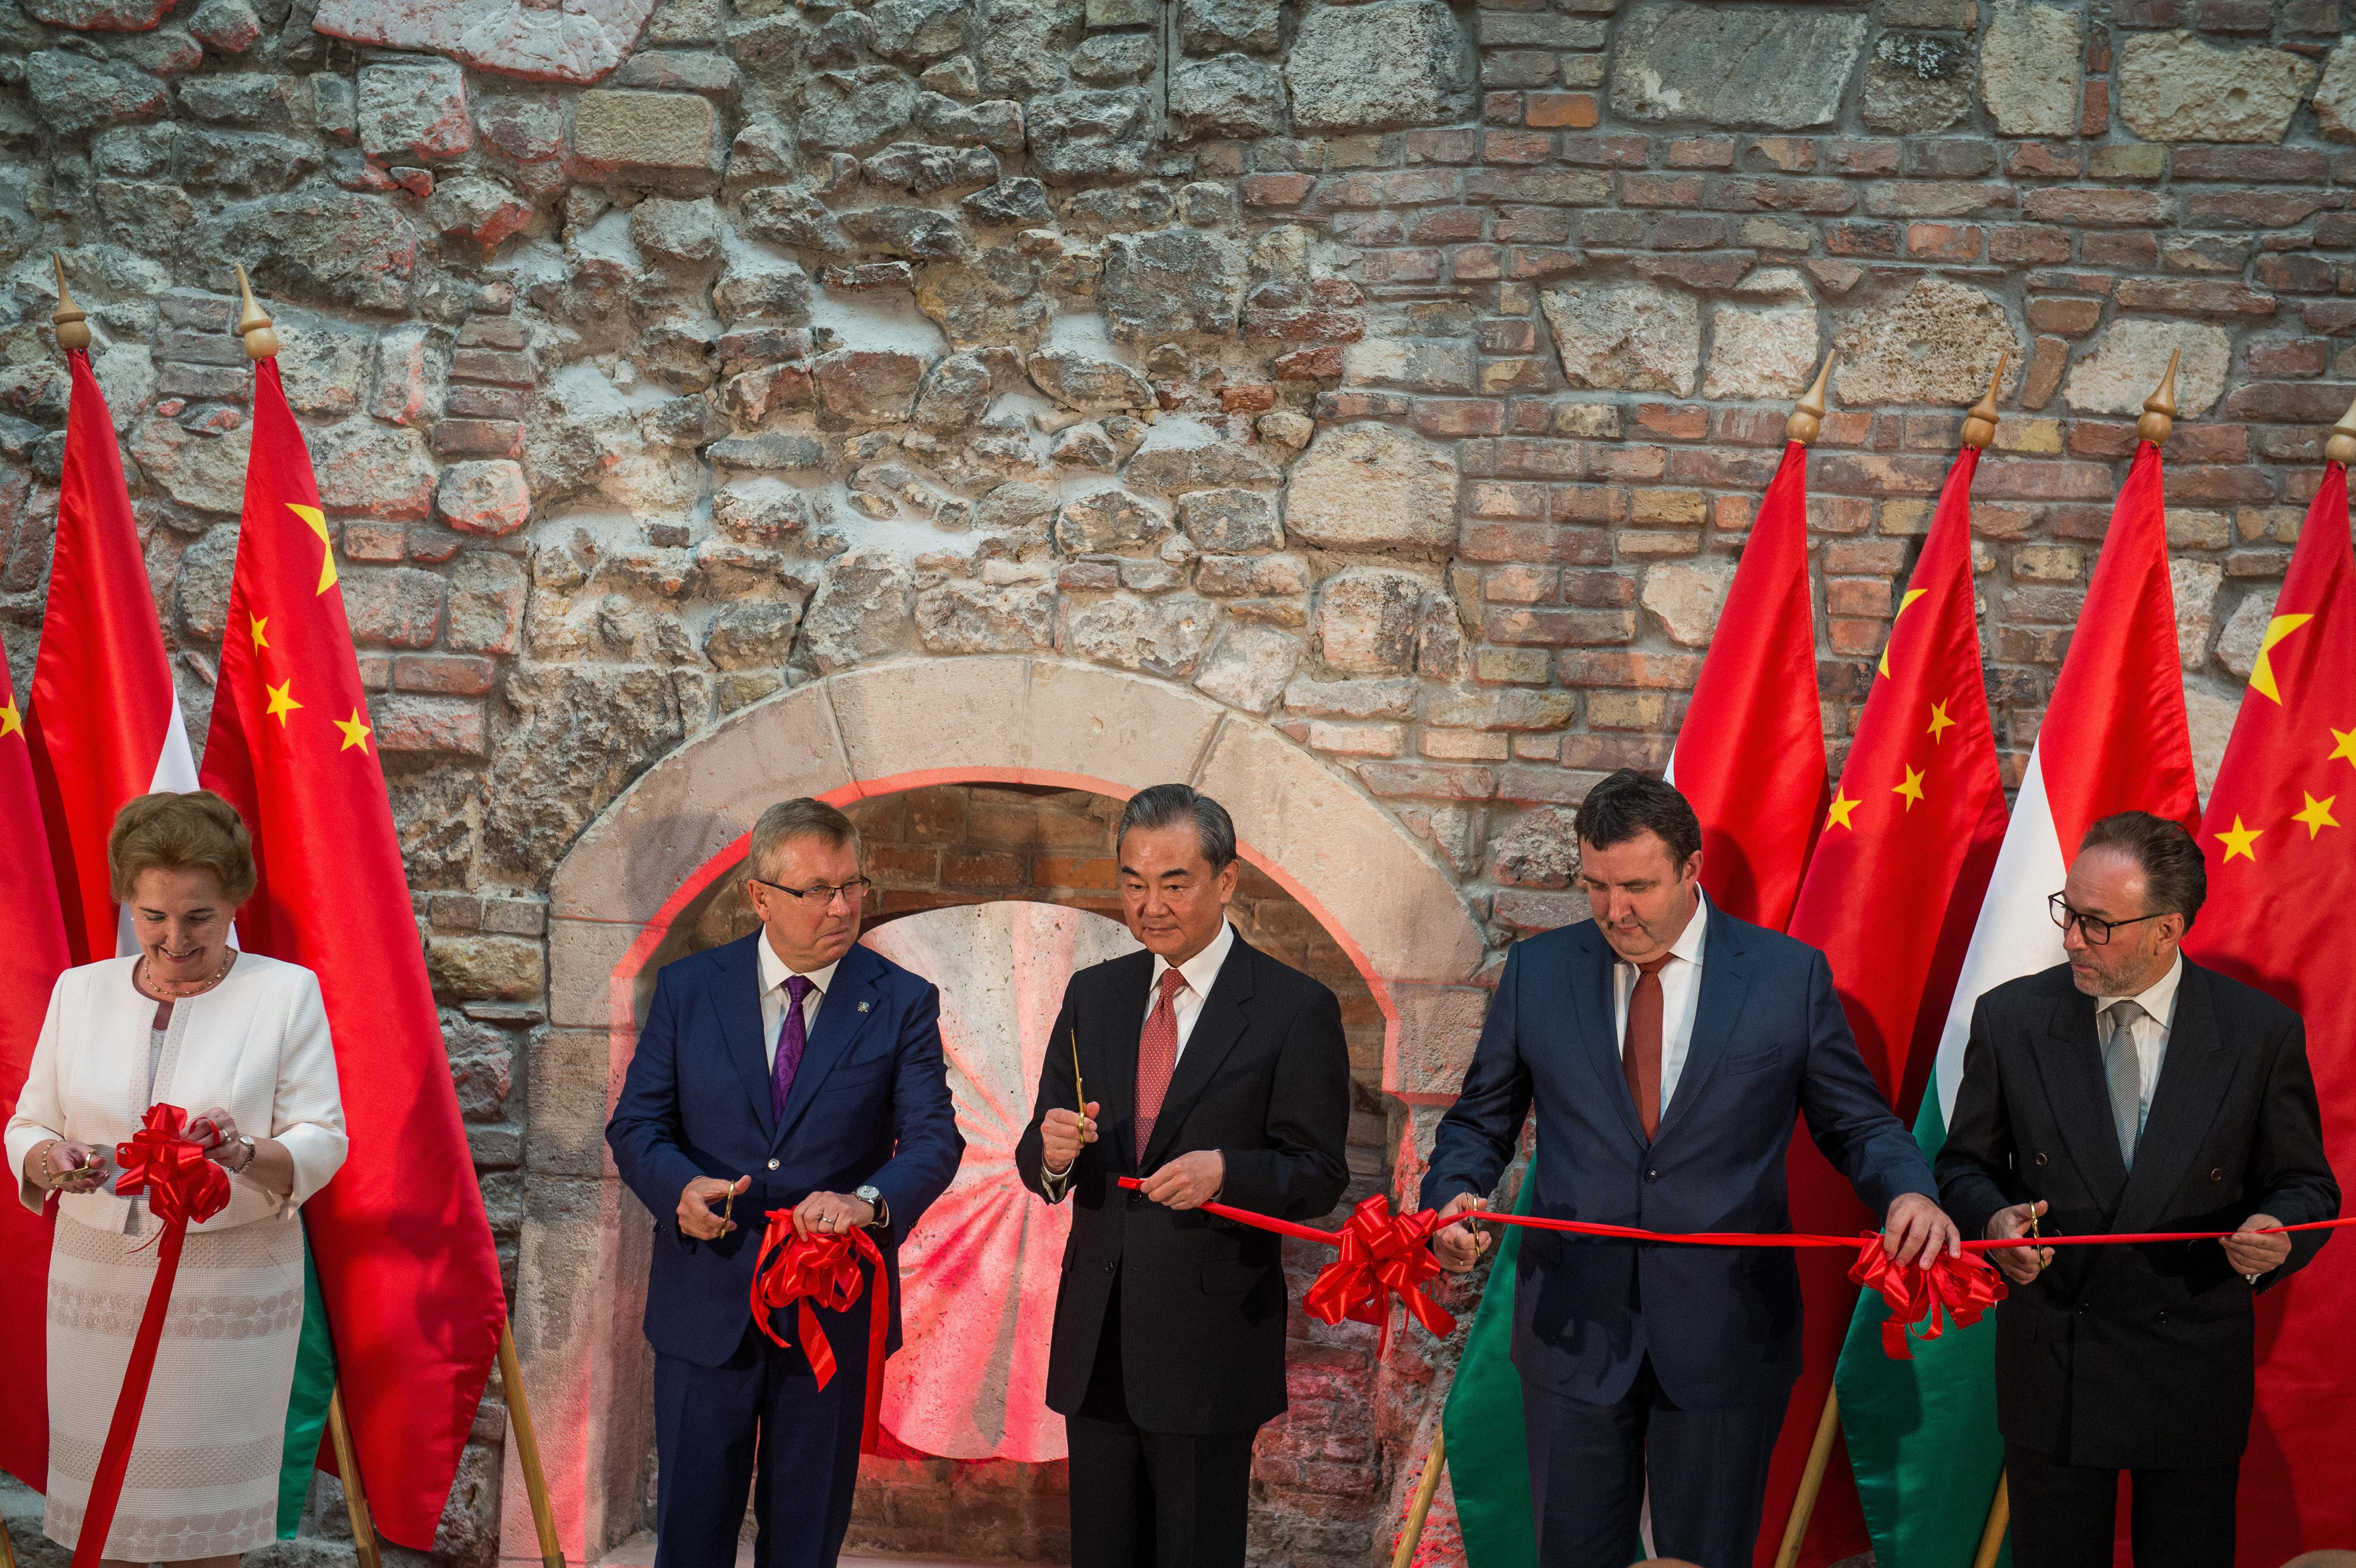 """Fekete Péter a Rákosi-rendszer és a kommunista Kína közti barátságról: """"örökségüket mi visszük tovább, mi folytatjuk"""""""